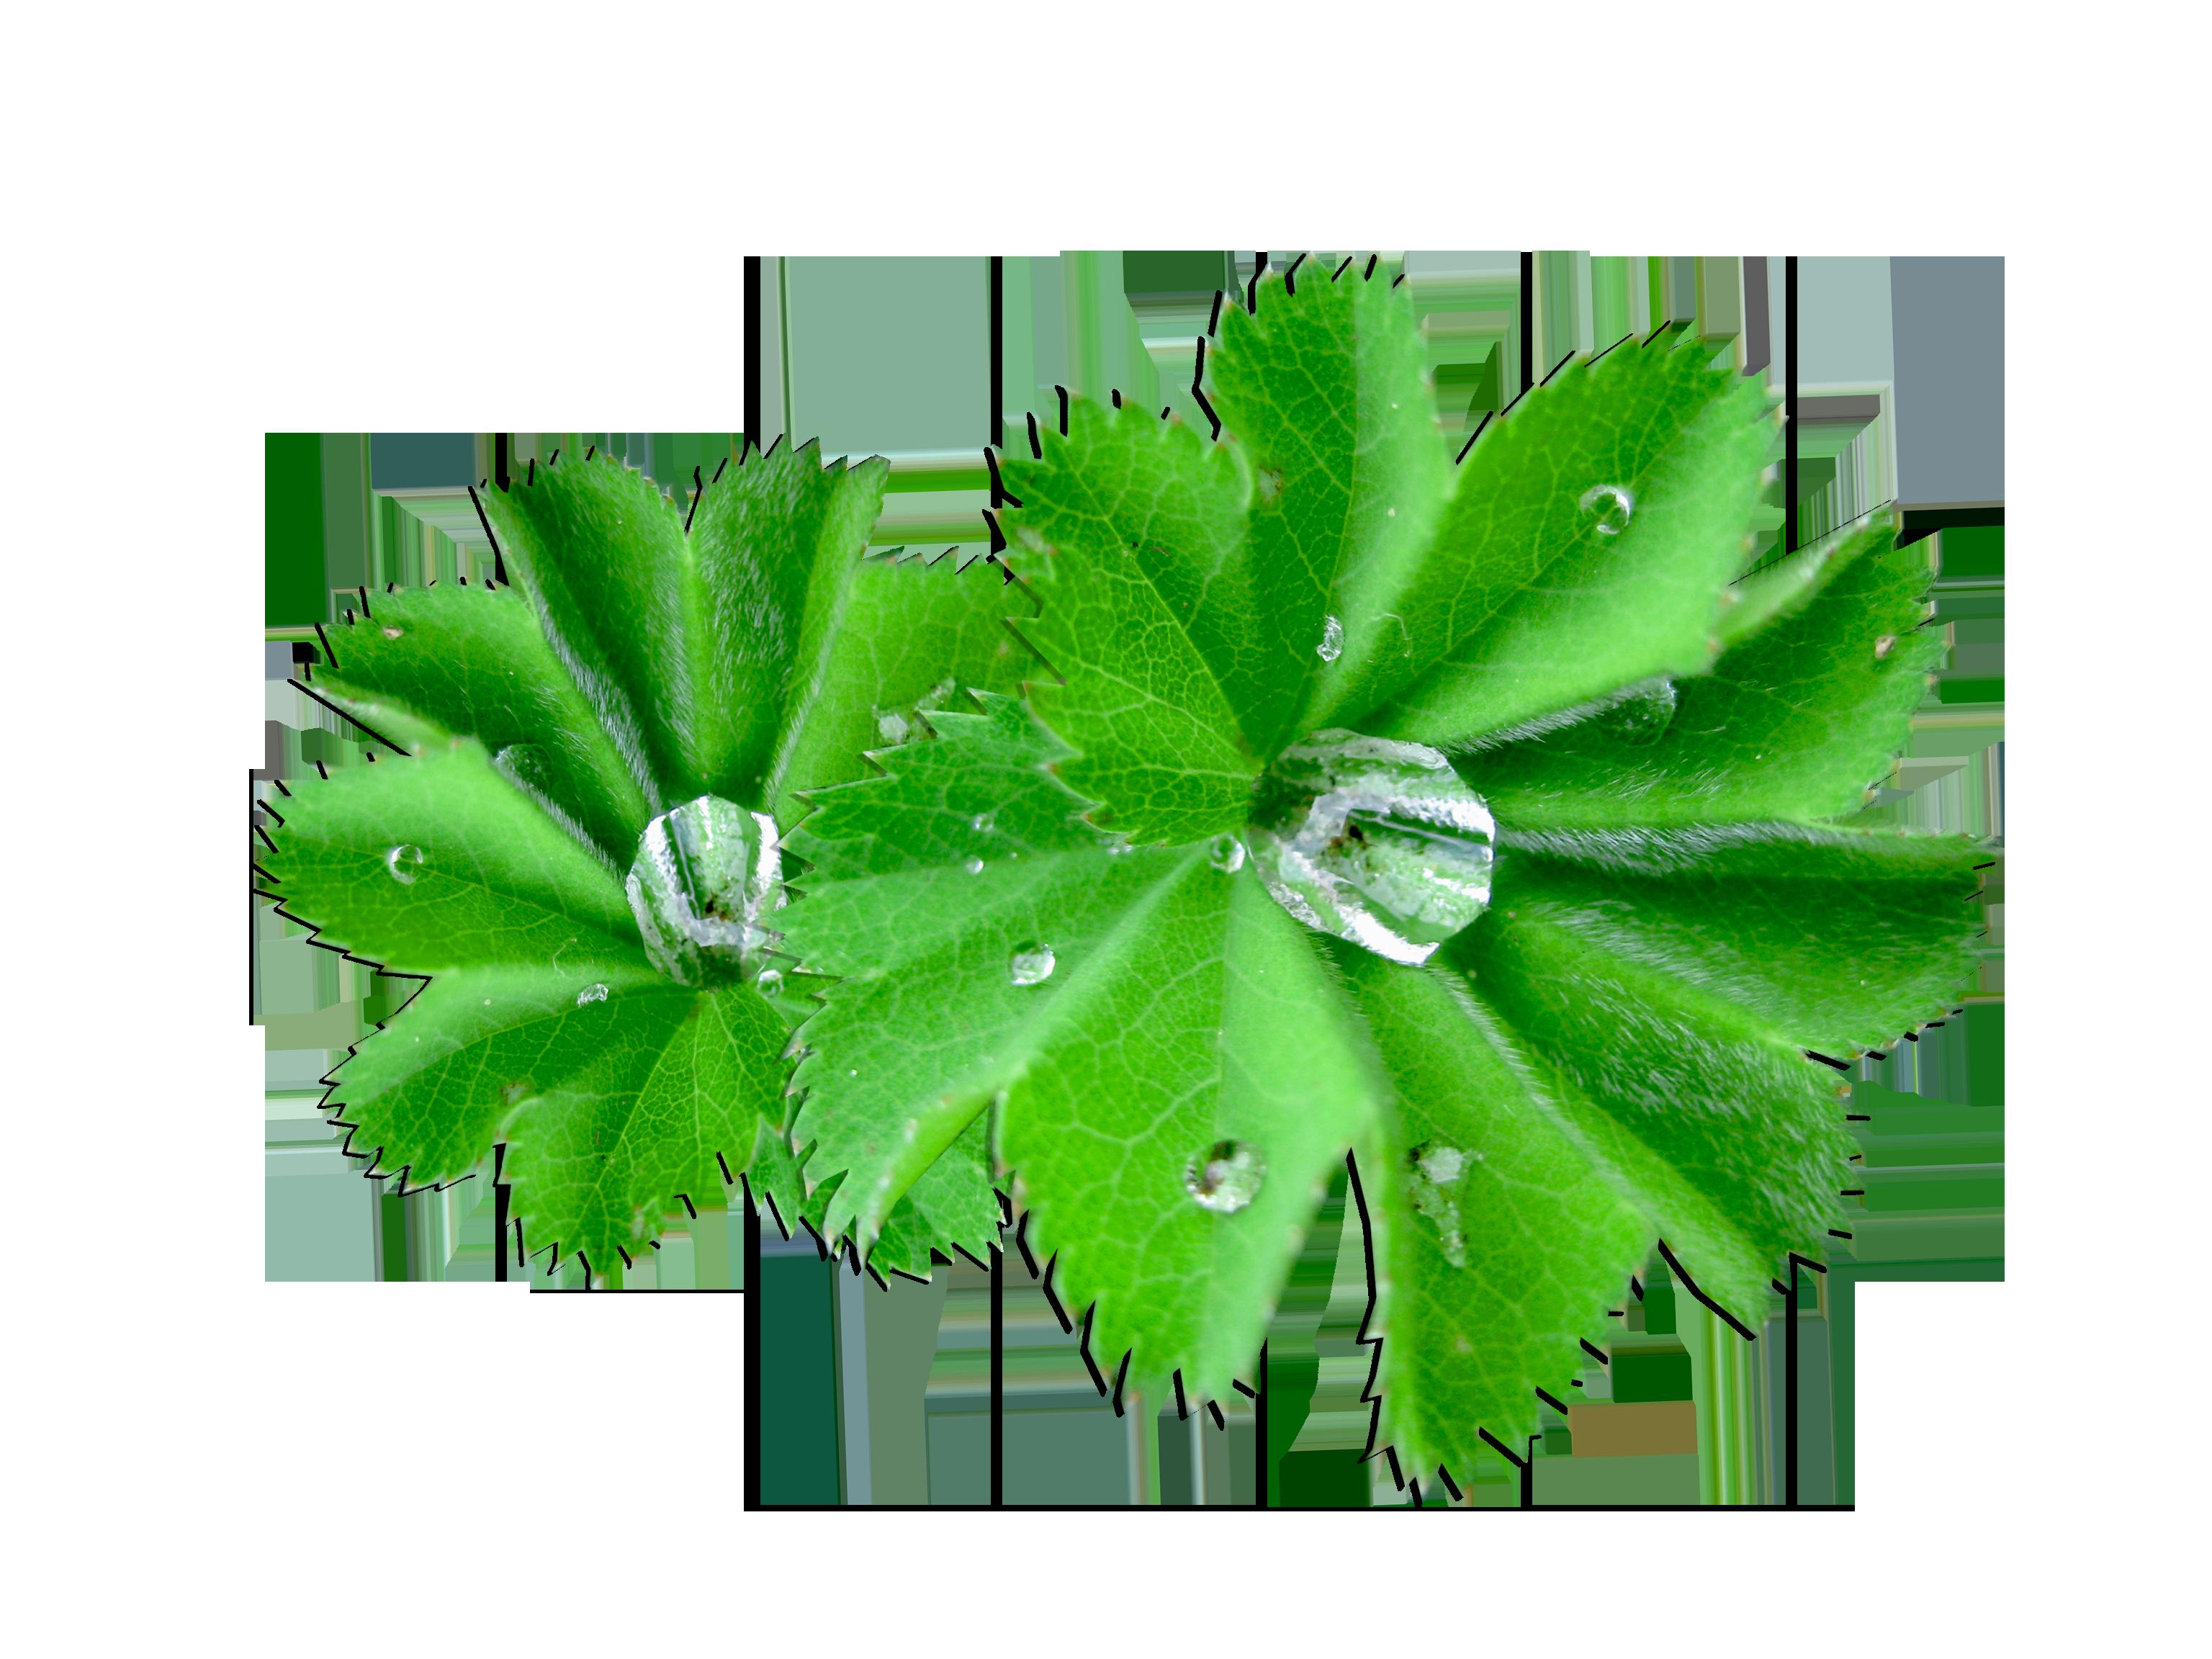 กัดจาก Alchemilla vulgalis (Lady's Mantle) เป็นพืชที่ มี Tannin สูง ช่วยให้ผิวกระชับ เพิ่มความยืดหยุ่นแก่ผิวหนัง และปรับความสมดุลความชุ่มชื้นของผิว และยังมีคุณสมบัติต้านอนุมูลอิสระ ช่วยปรับผิวให้สว่างกระจ่างใส